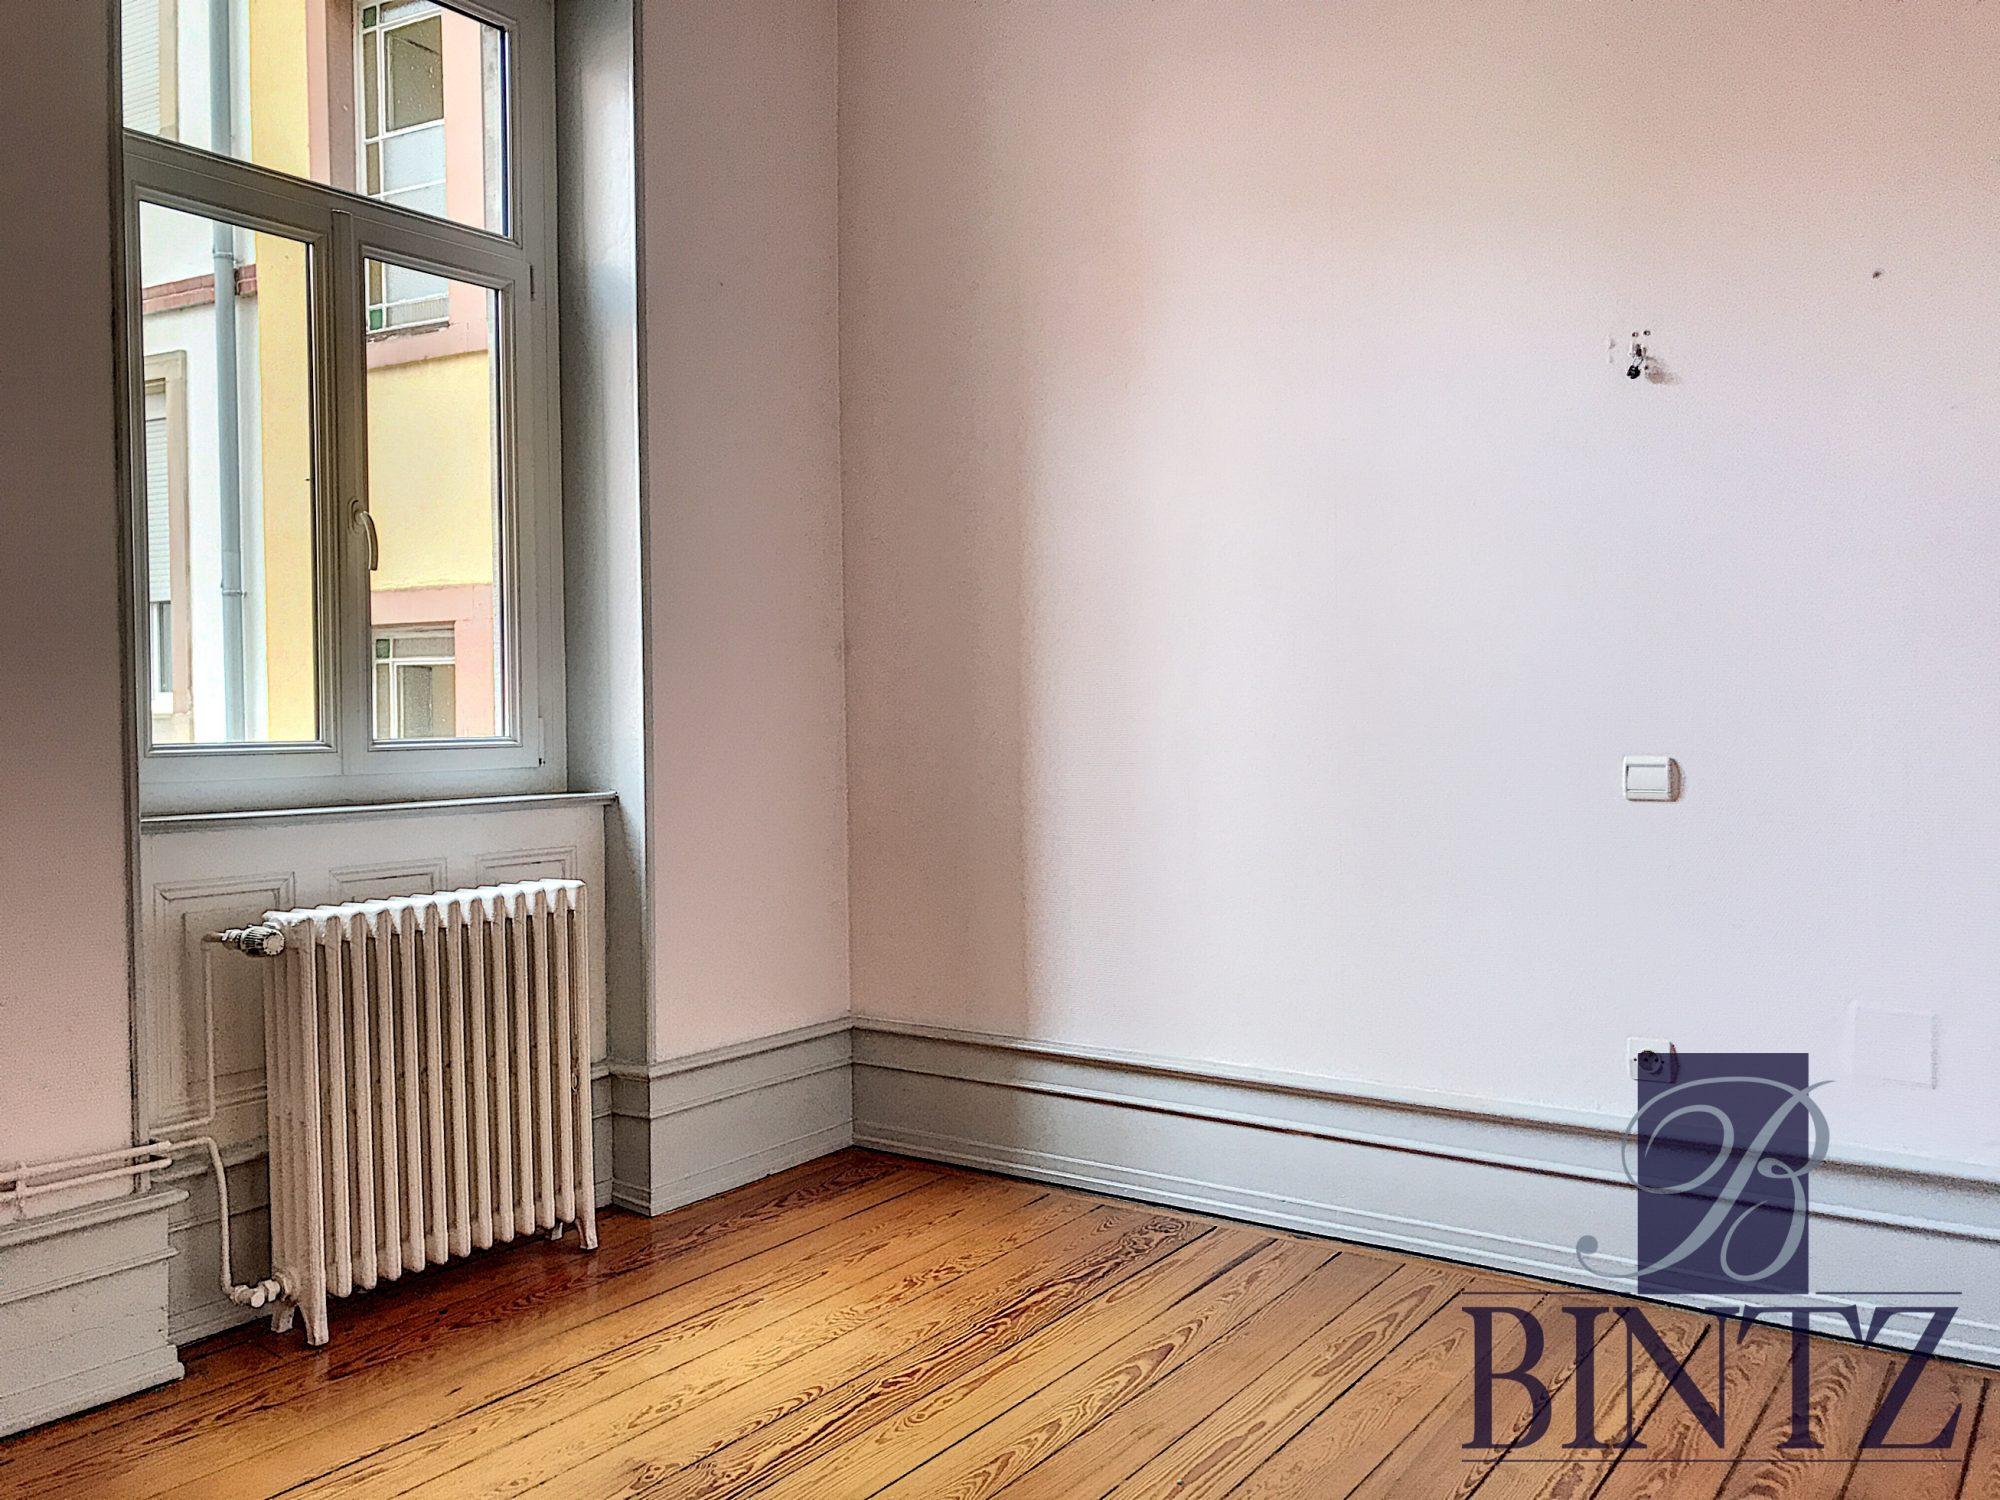 5 PIÈCES QUARTIER CONTADES AVEC 2 BALCONS - Devenez propriétaire en toute confiance - Bintz Immobilier - 8